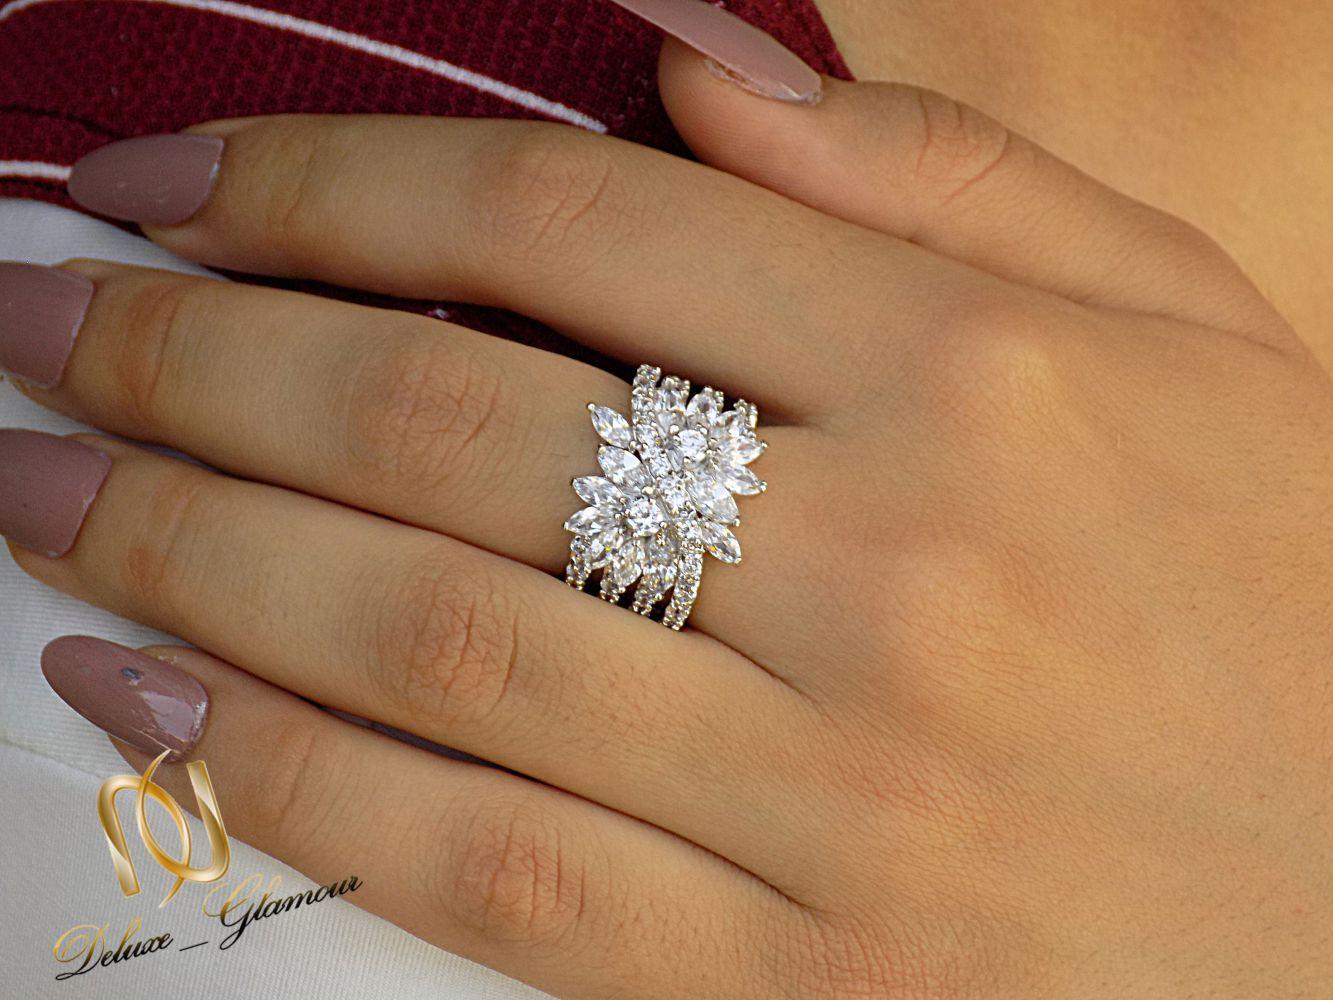 انگشتر زنانه جواهری کلیو با نگین های سواروسکی اصل rg-n235 از نمای روی دست